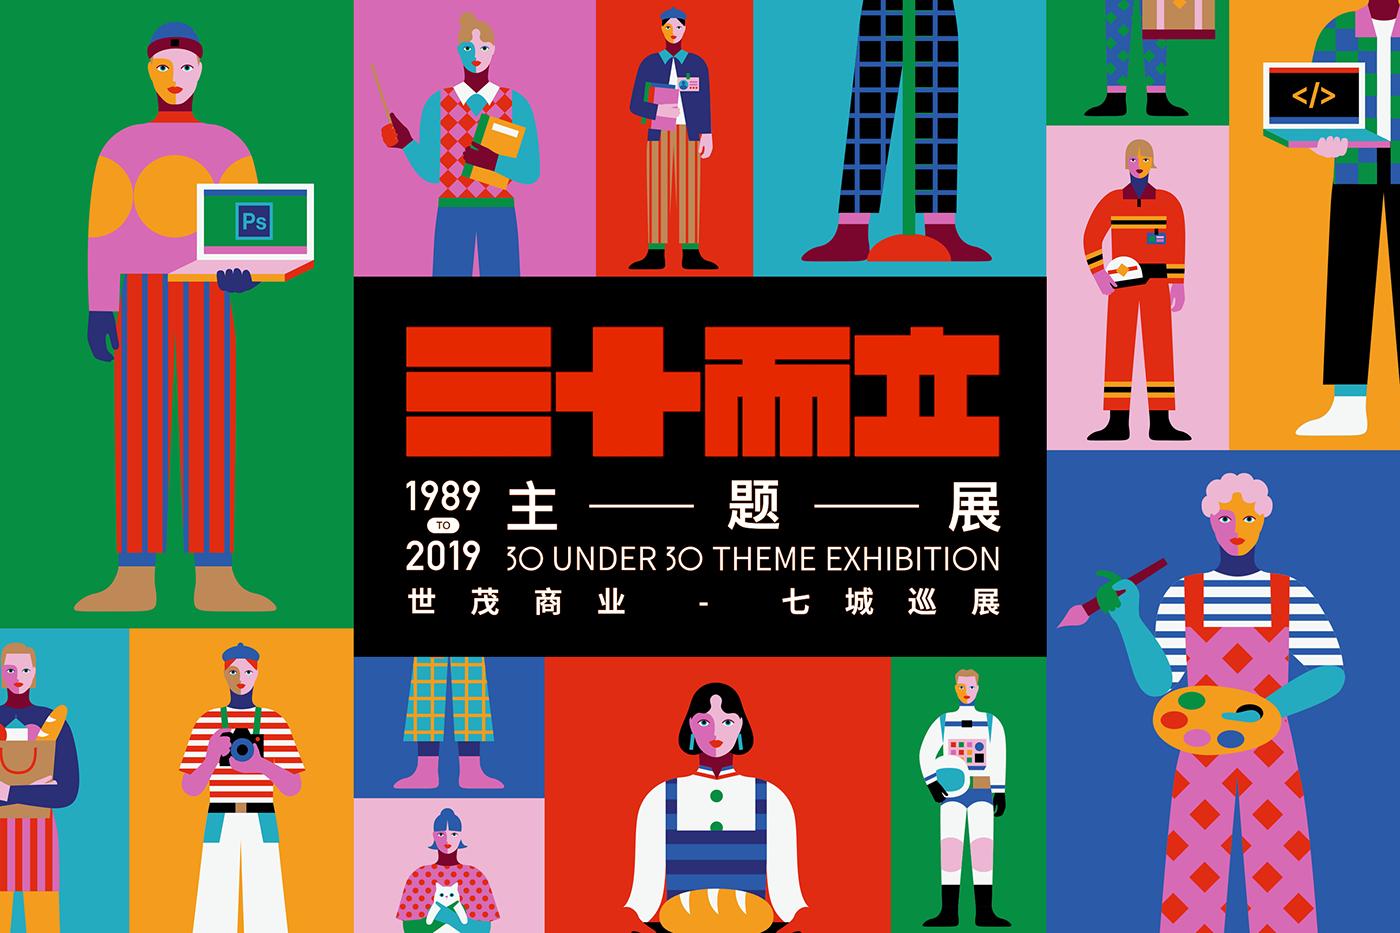 三十而立主题展,世贸商业-七城巡展1989TO2019